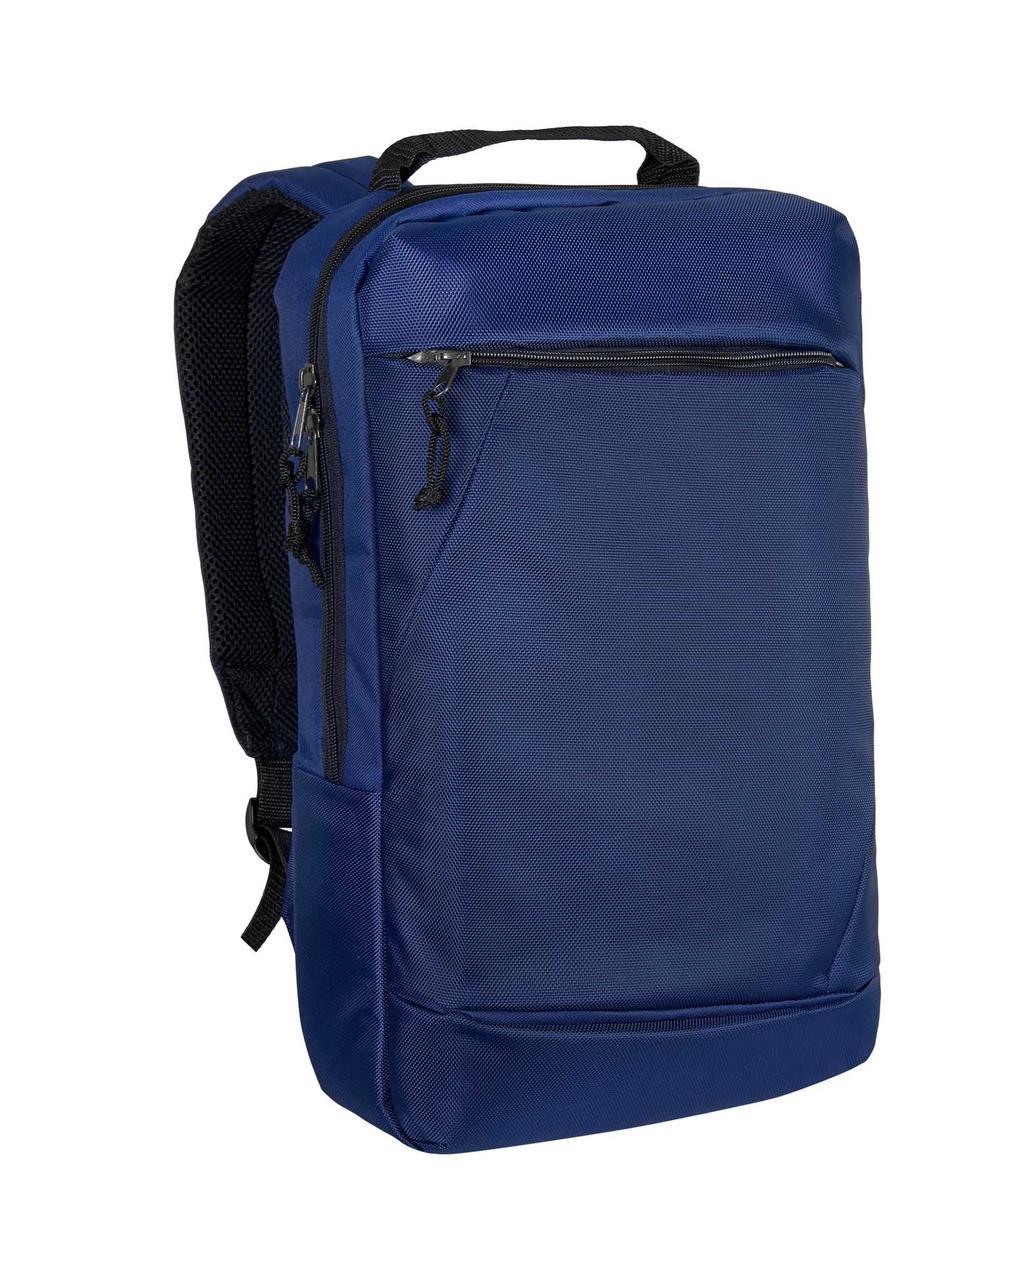 Городской рюкзак для ноутбука синий Surikat 18л. (мужские рюкзаки, жен